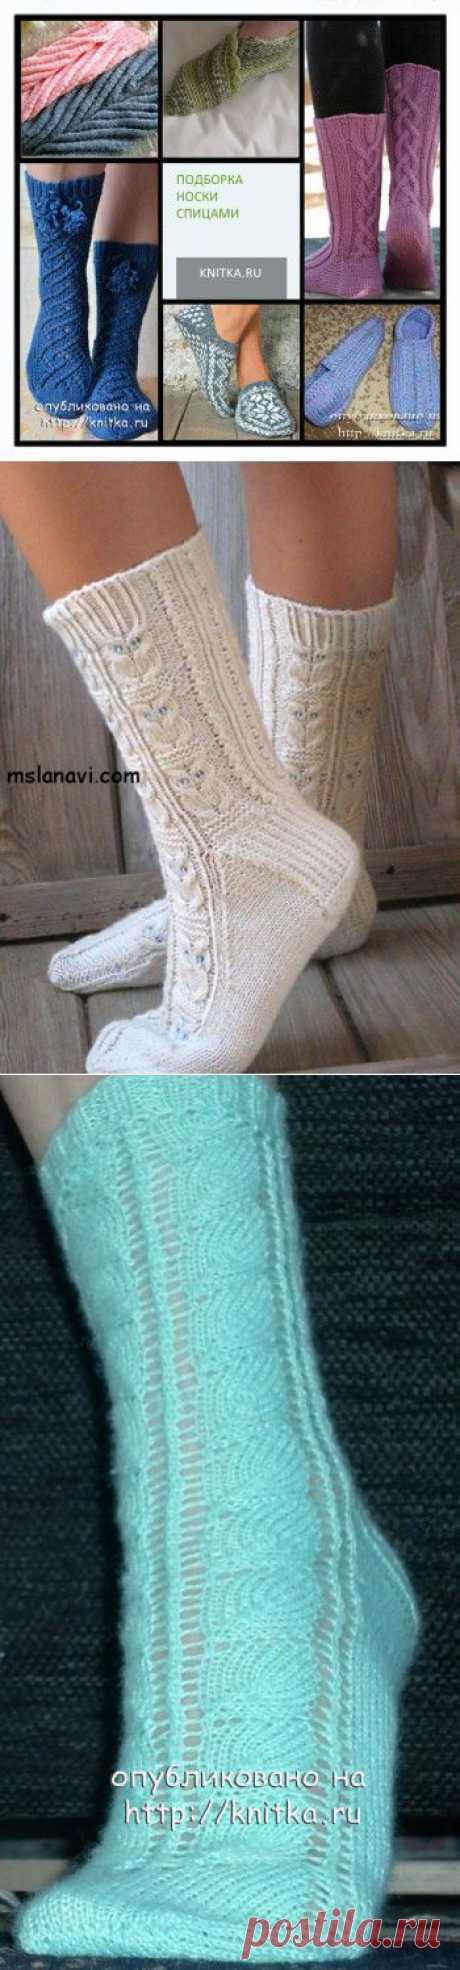 Вязаные носки спицами. Подборка из 17 моделей вязаных носков спицами.